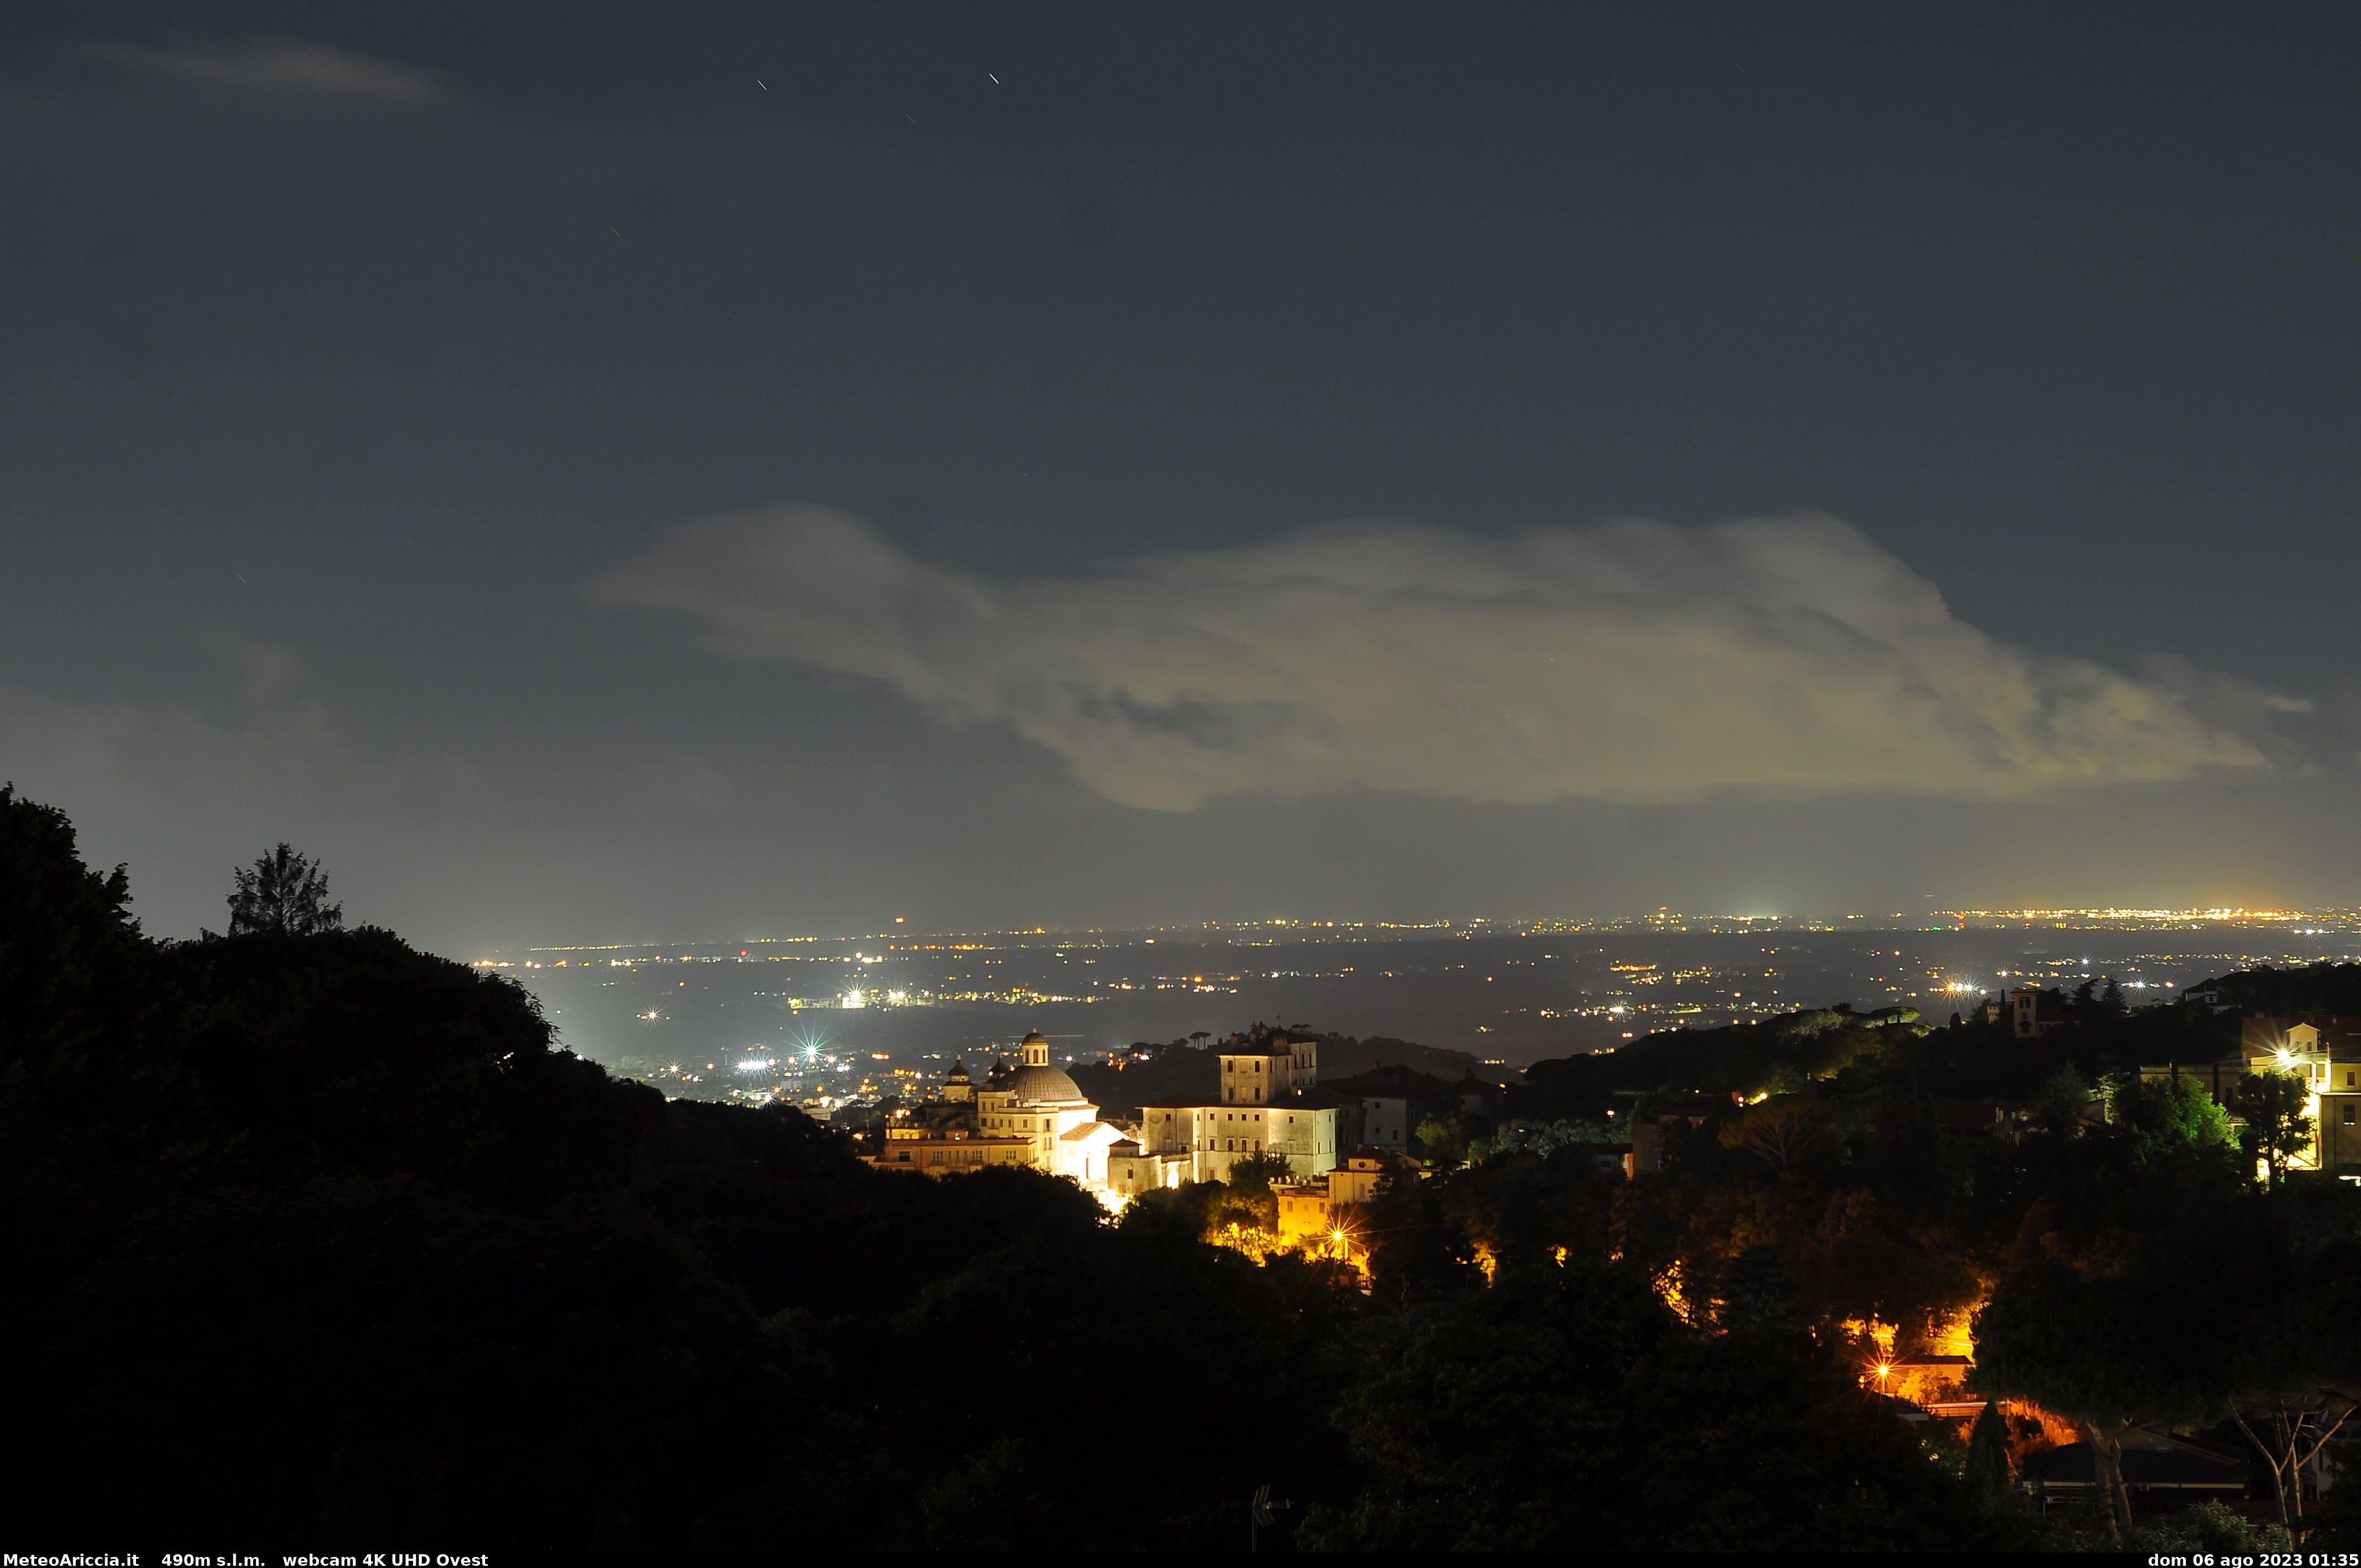 Immagini live da Ariccia Centro http://www.meteoariccia.it